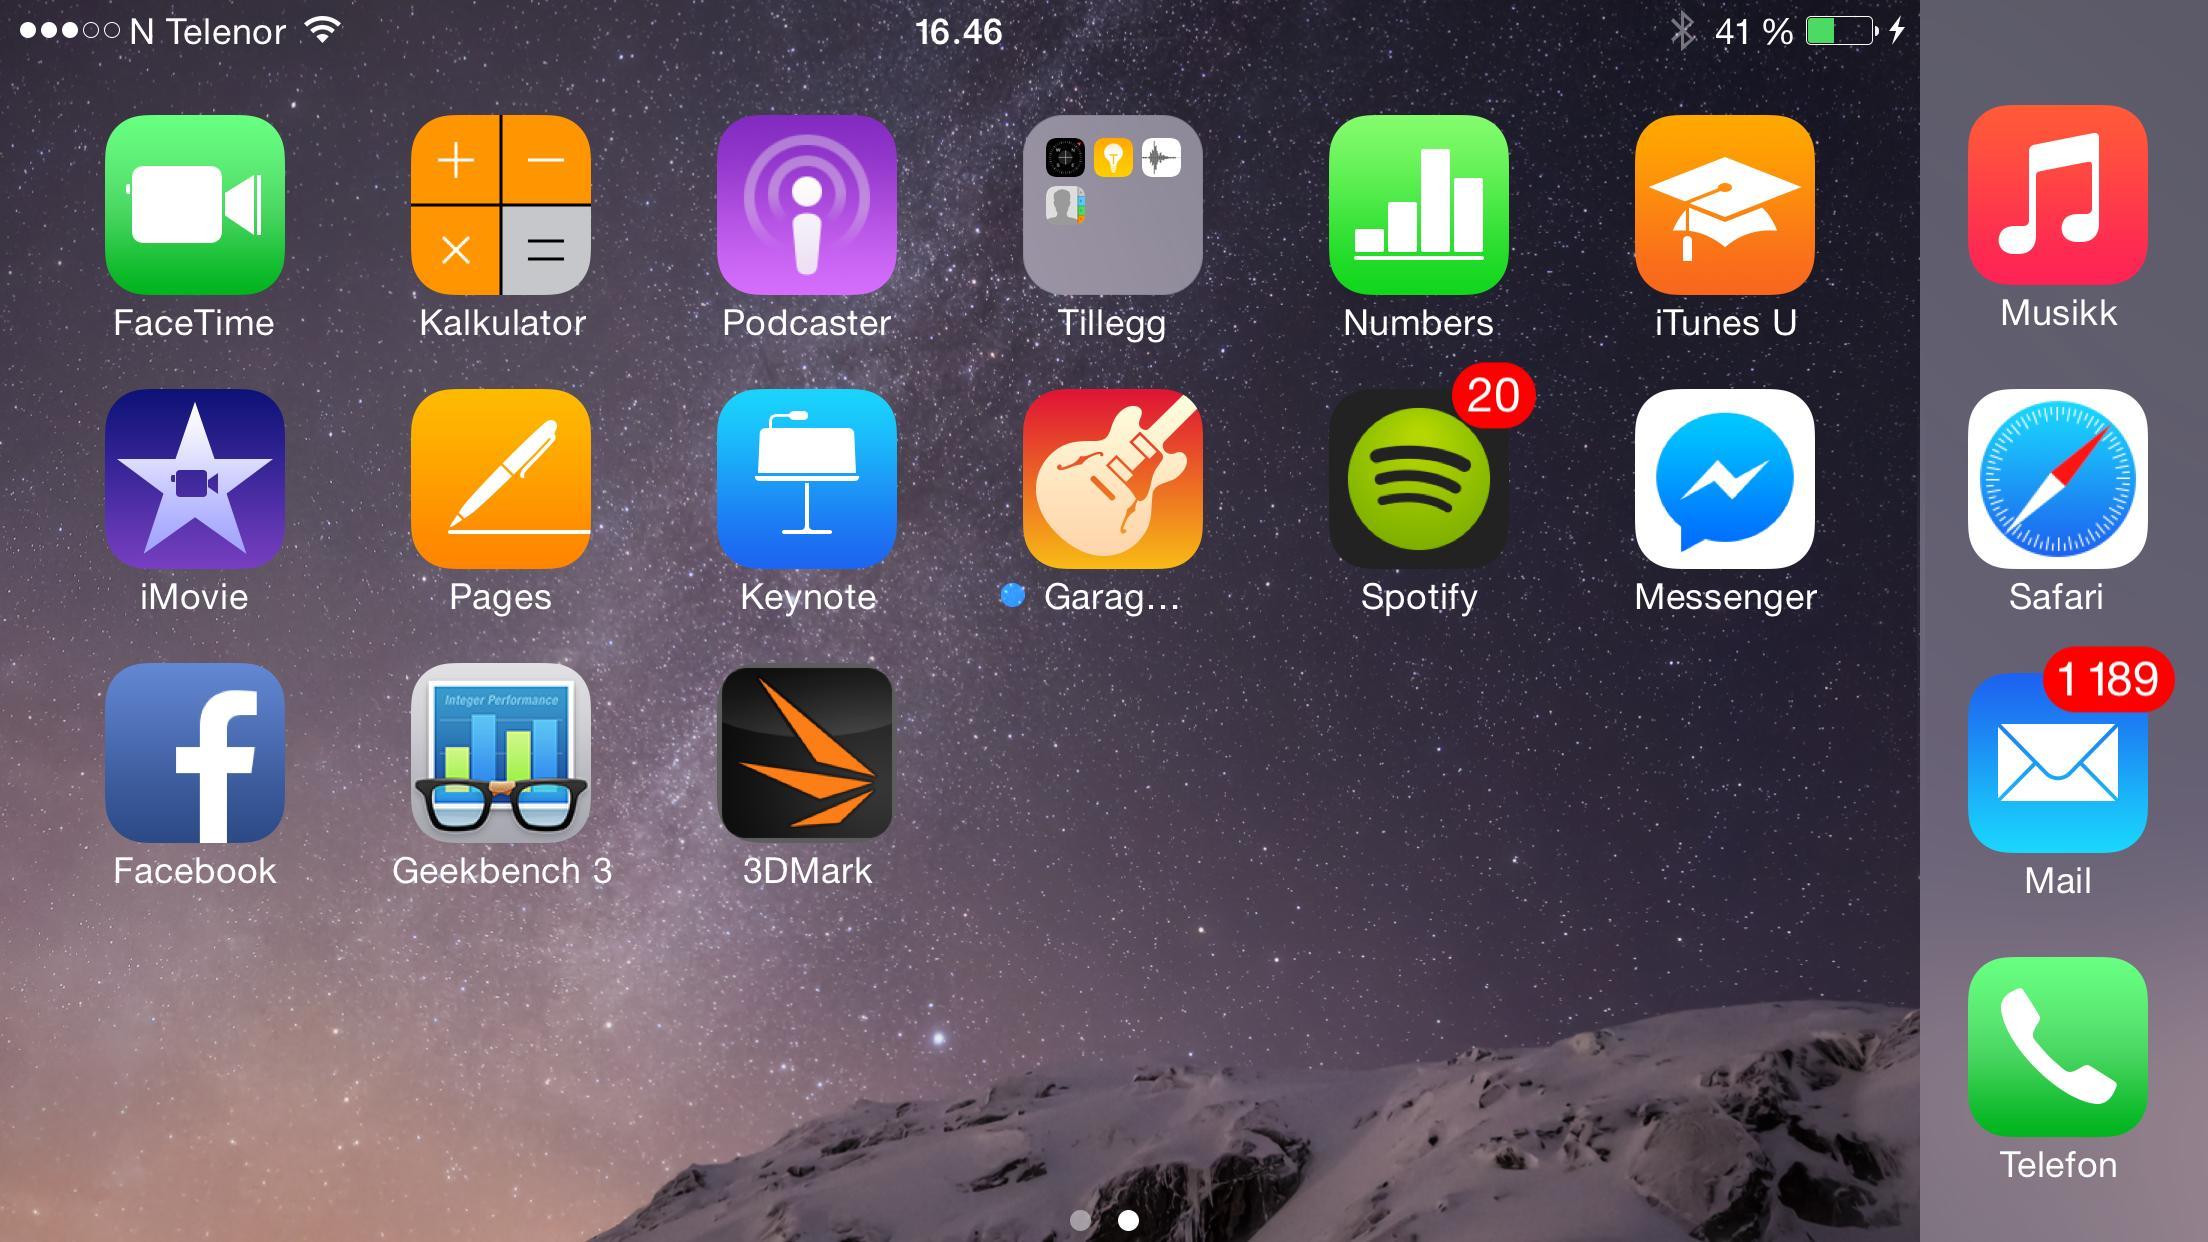 iOS 8 har blitt tilpasset store mobilskjermer, og på iPhone 6 Plus har hele menysystemet en sidelengs modus.Foto: Finn Jarle Kvalheim, Amobil.no